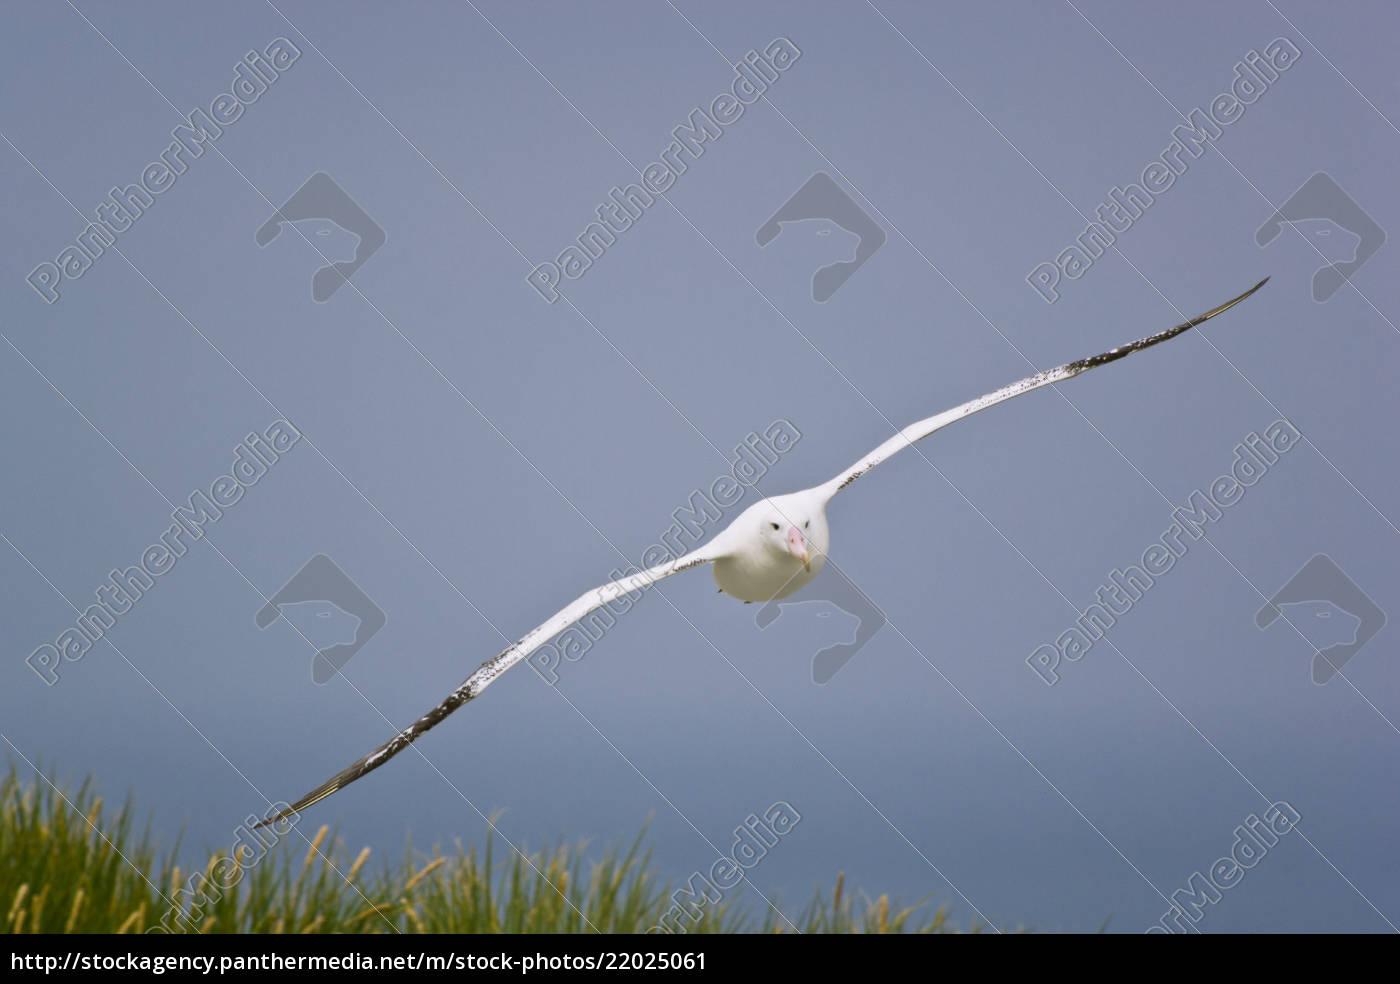 wandering, albatross, in, flight, , diomedea, exulans, - 22025061